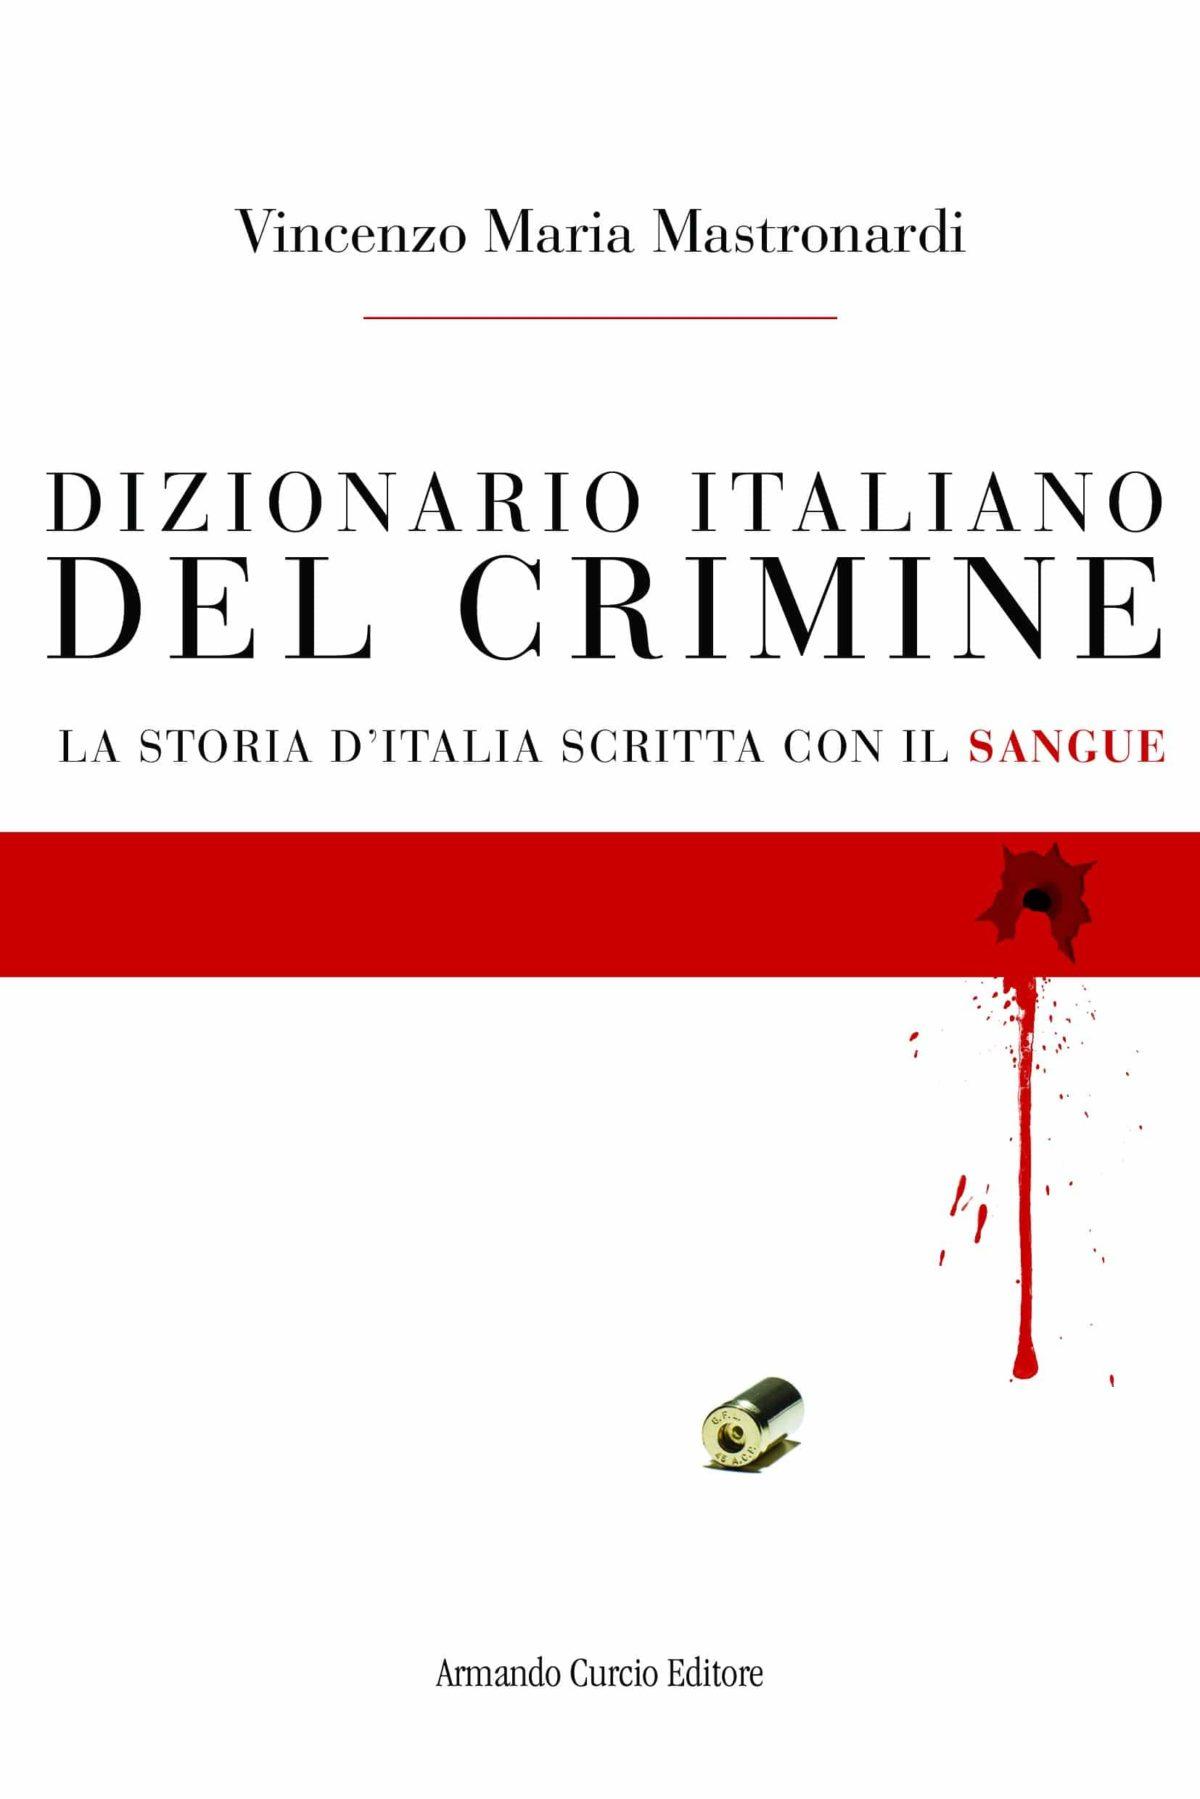 Dizionario italiano del crimine